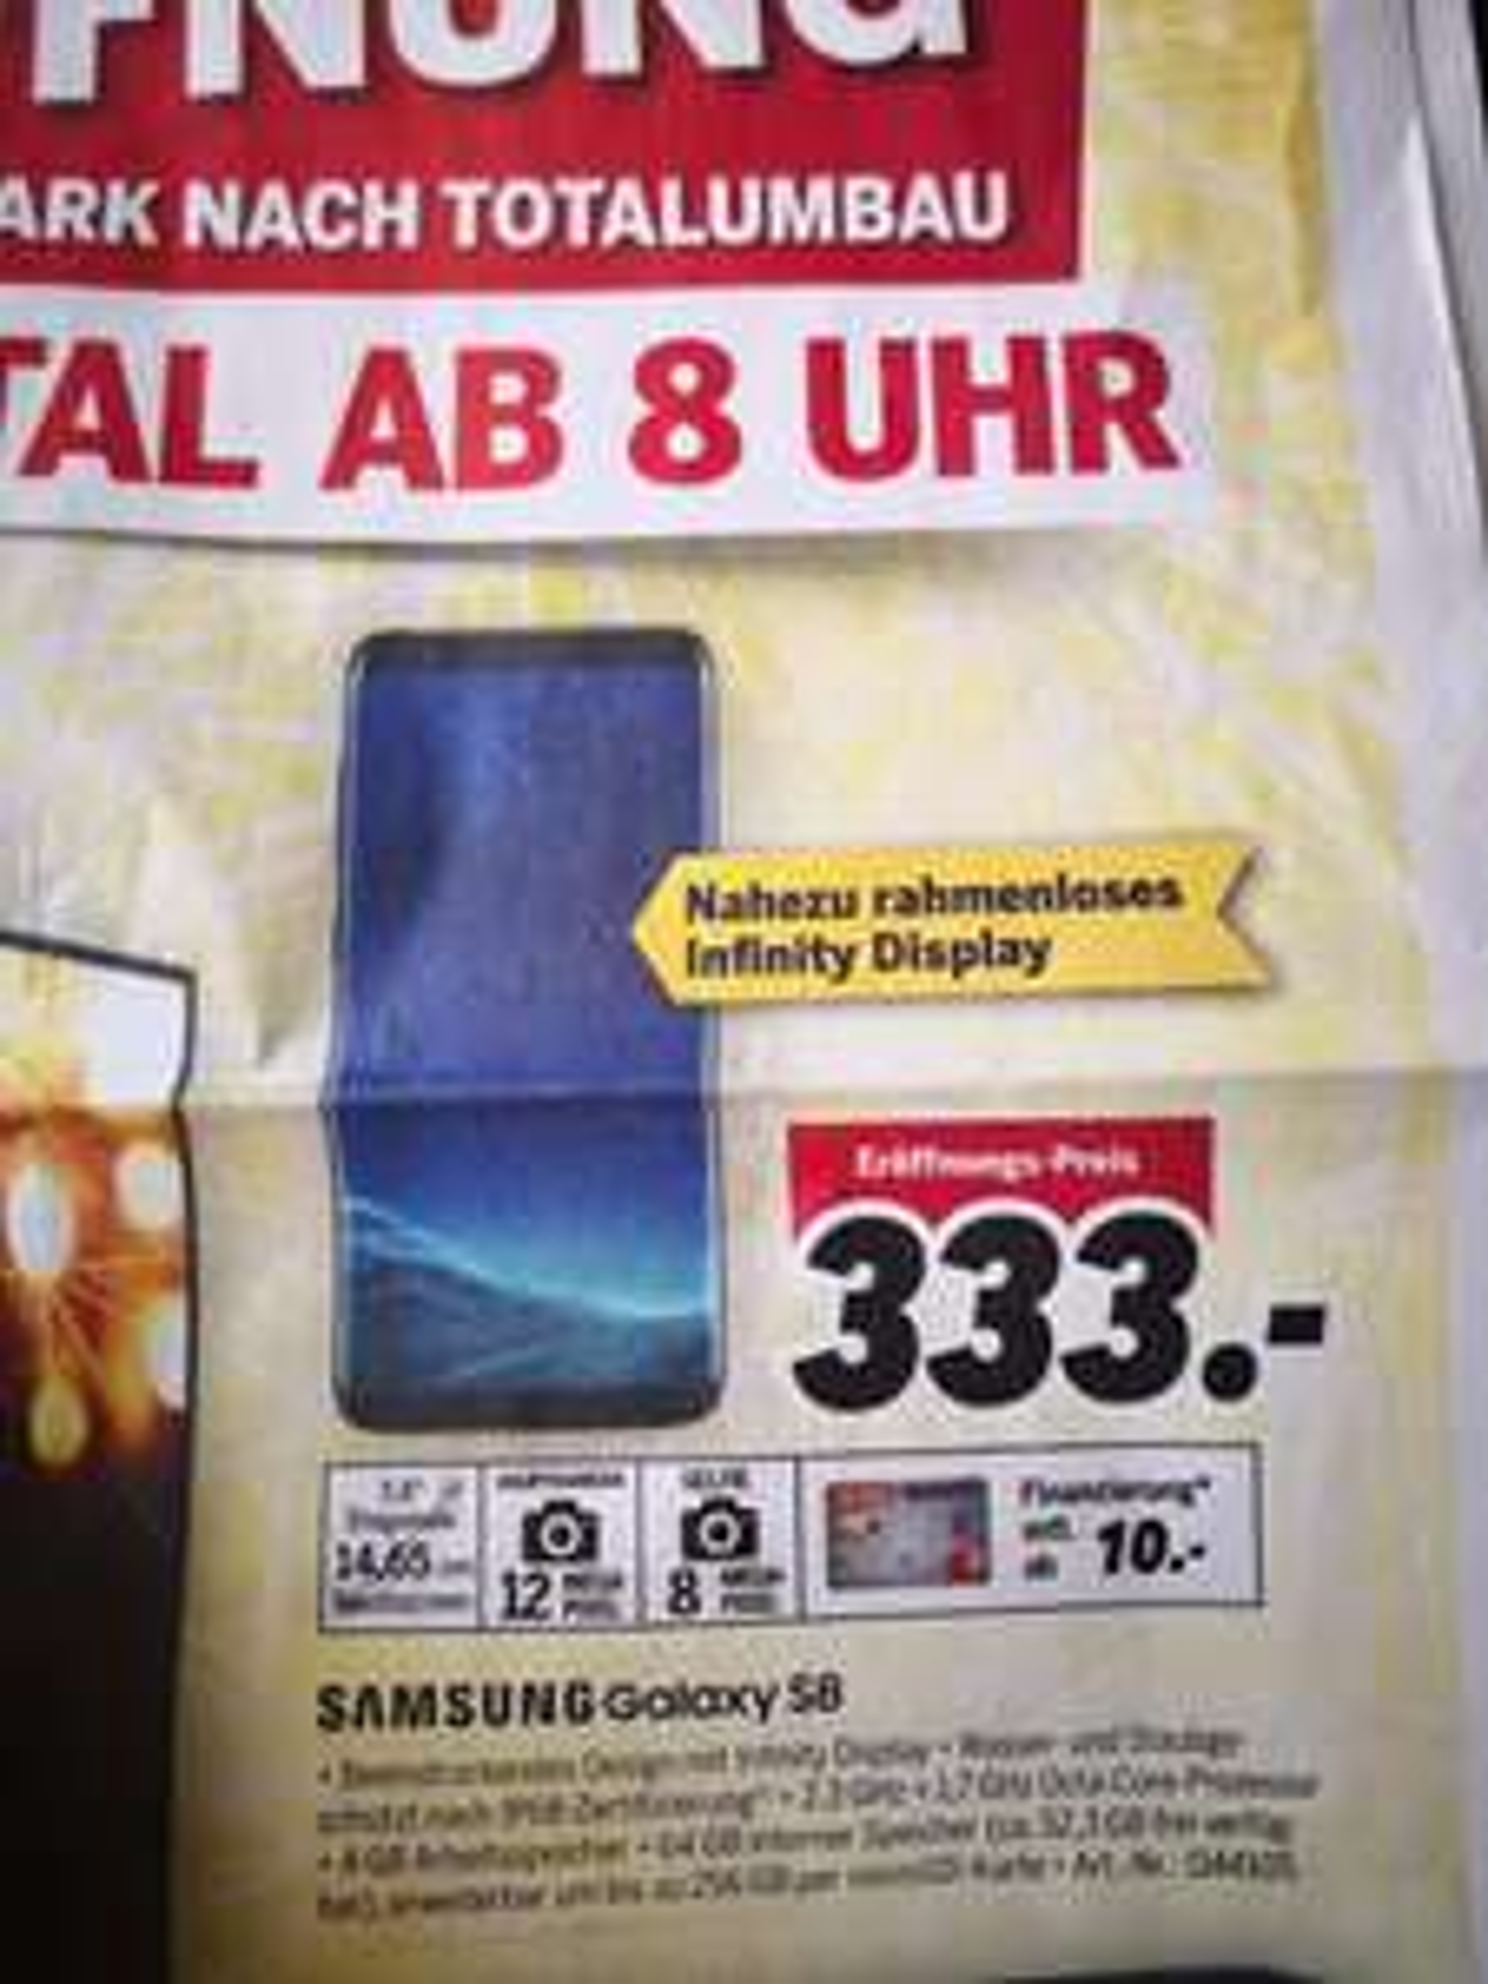 Samsung Galaxy S8 für 333 €, LOKAL Neueröffnung Medimax Weißeritzpark Freital